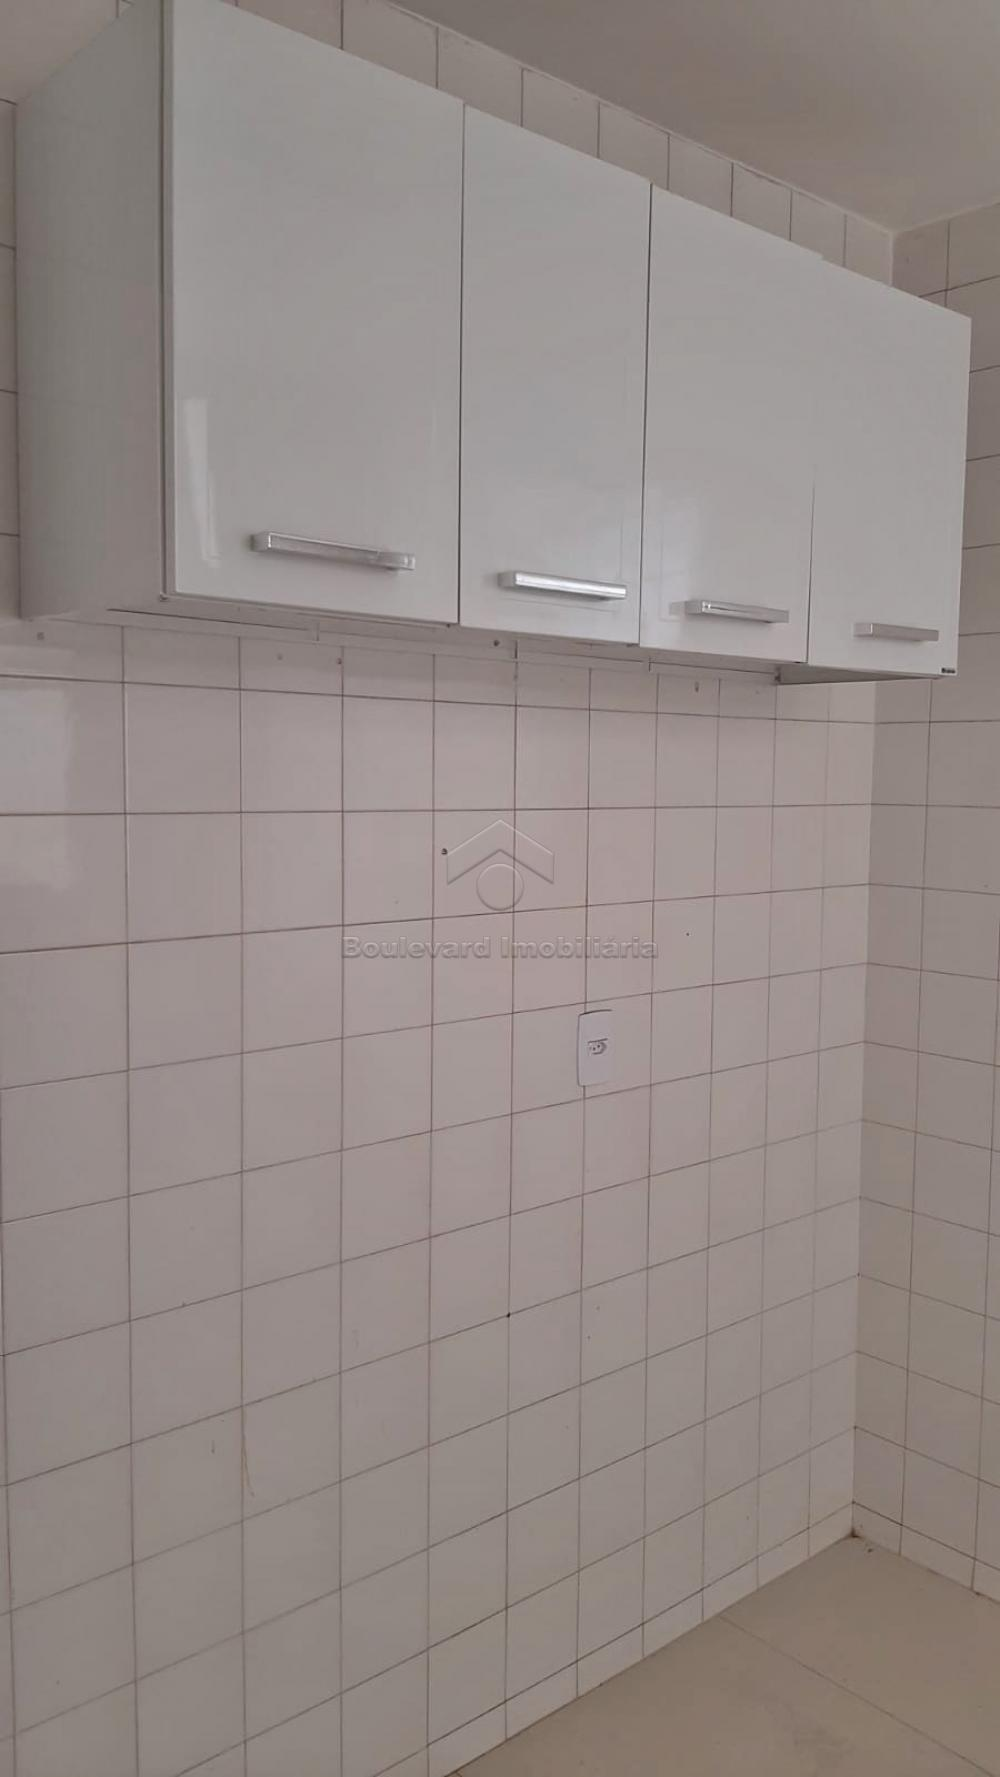 Alugar Apartamento / Duplex em Ribeirão Preto R$ 700,00 - Foto 12